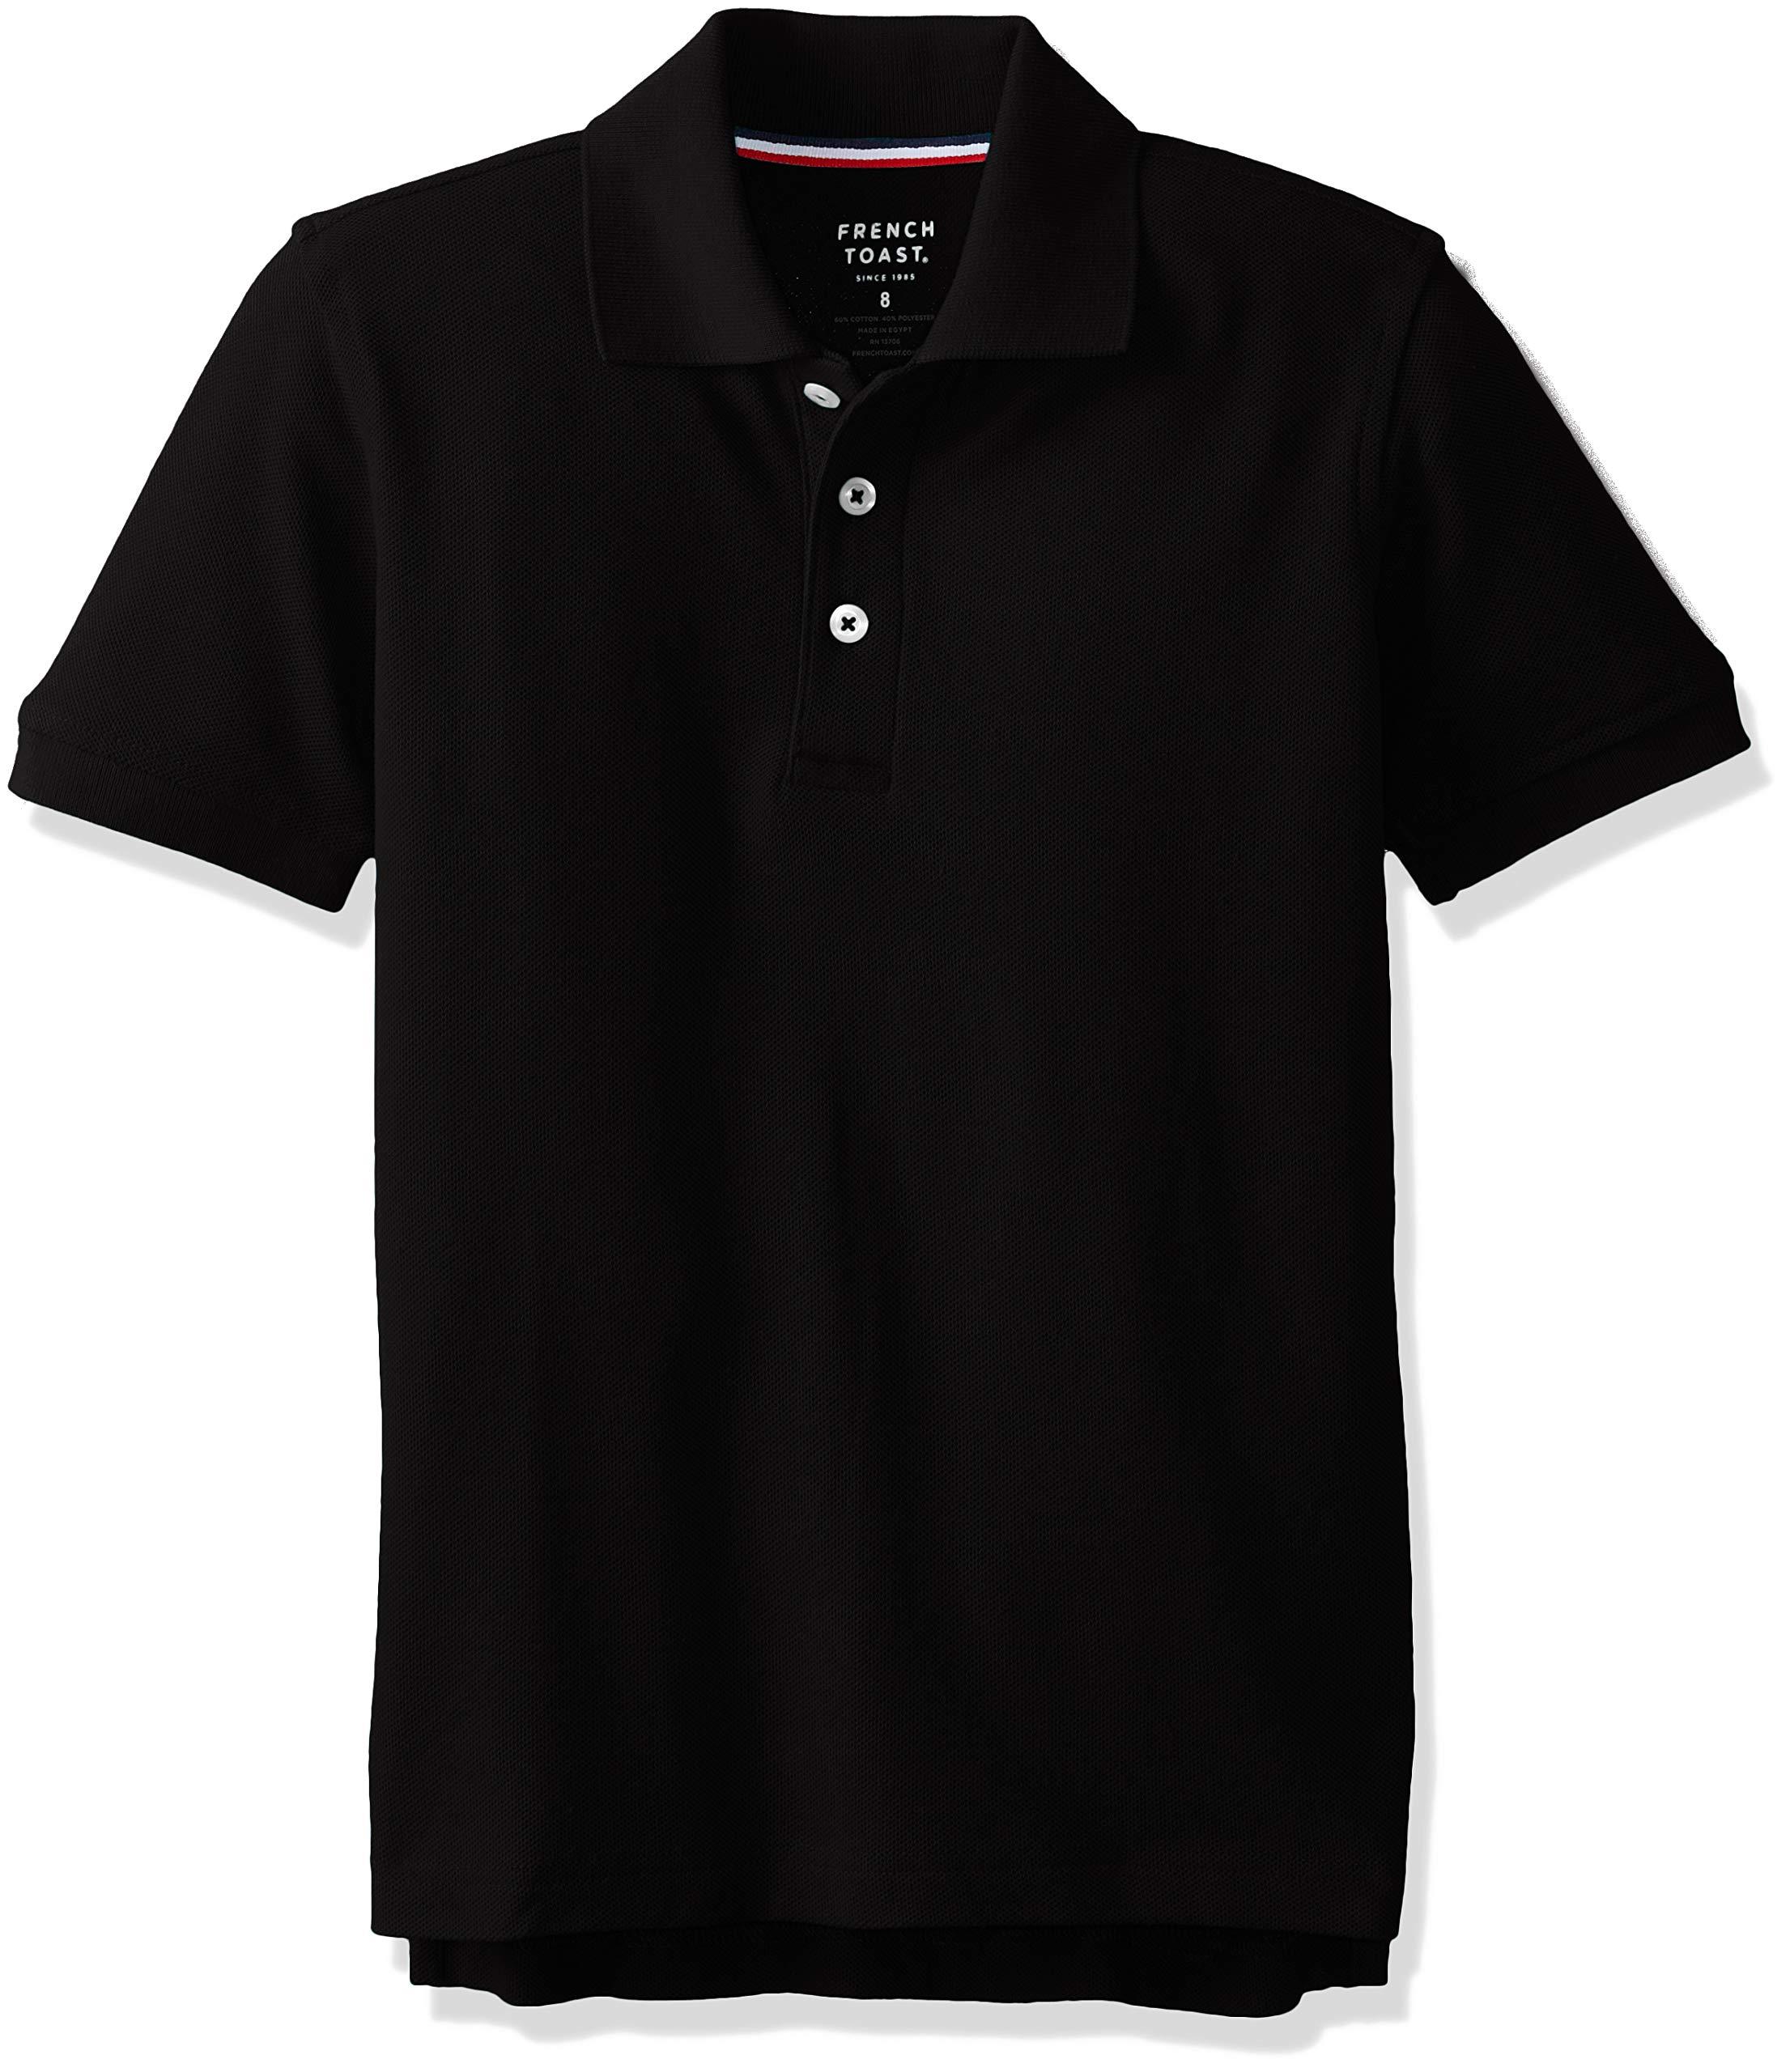 French Toast Boys' Big Short Sleeve Pique Polo Shirt Original, Black, 16 Husky